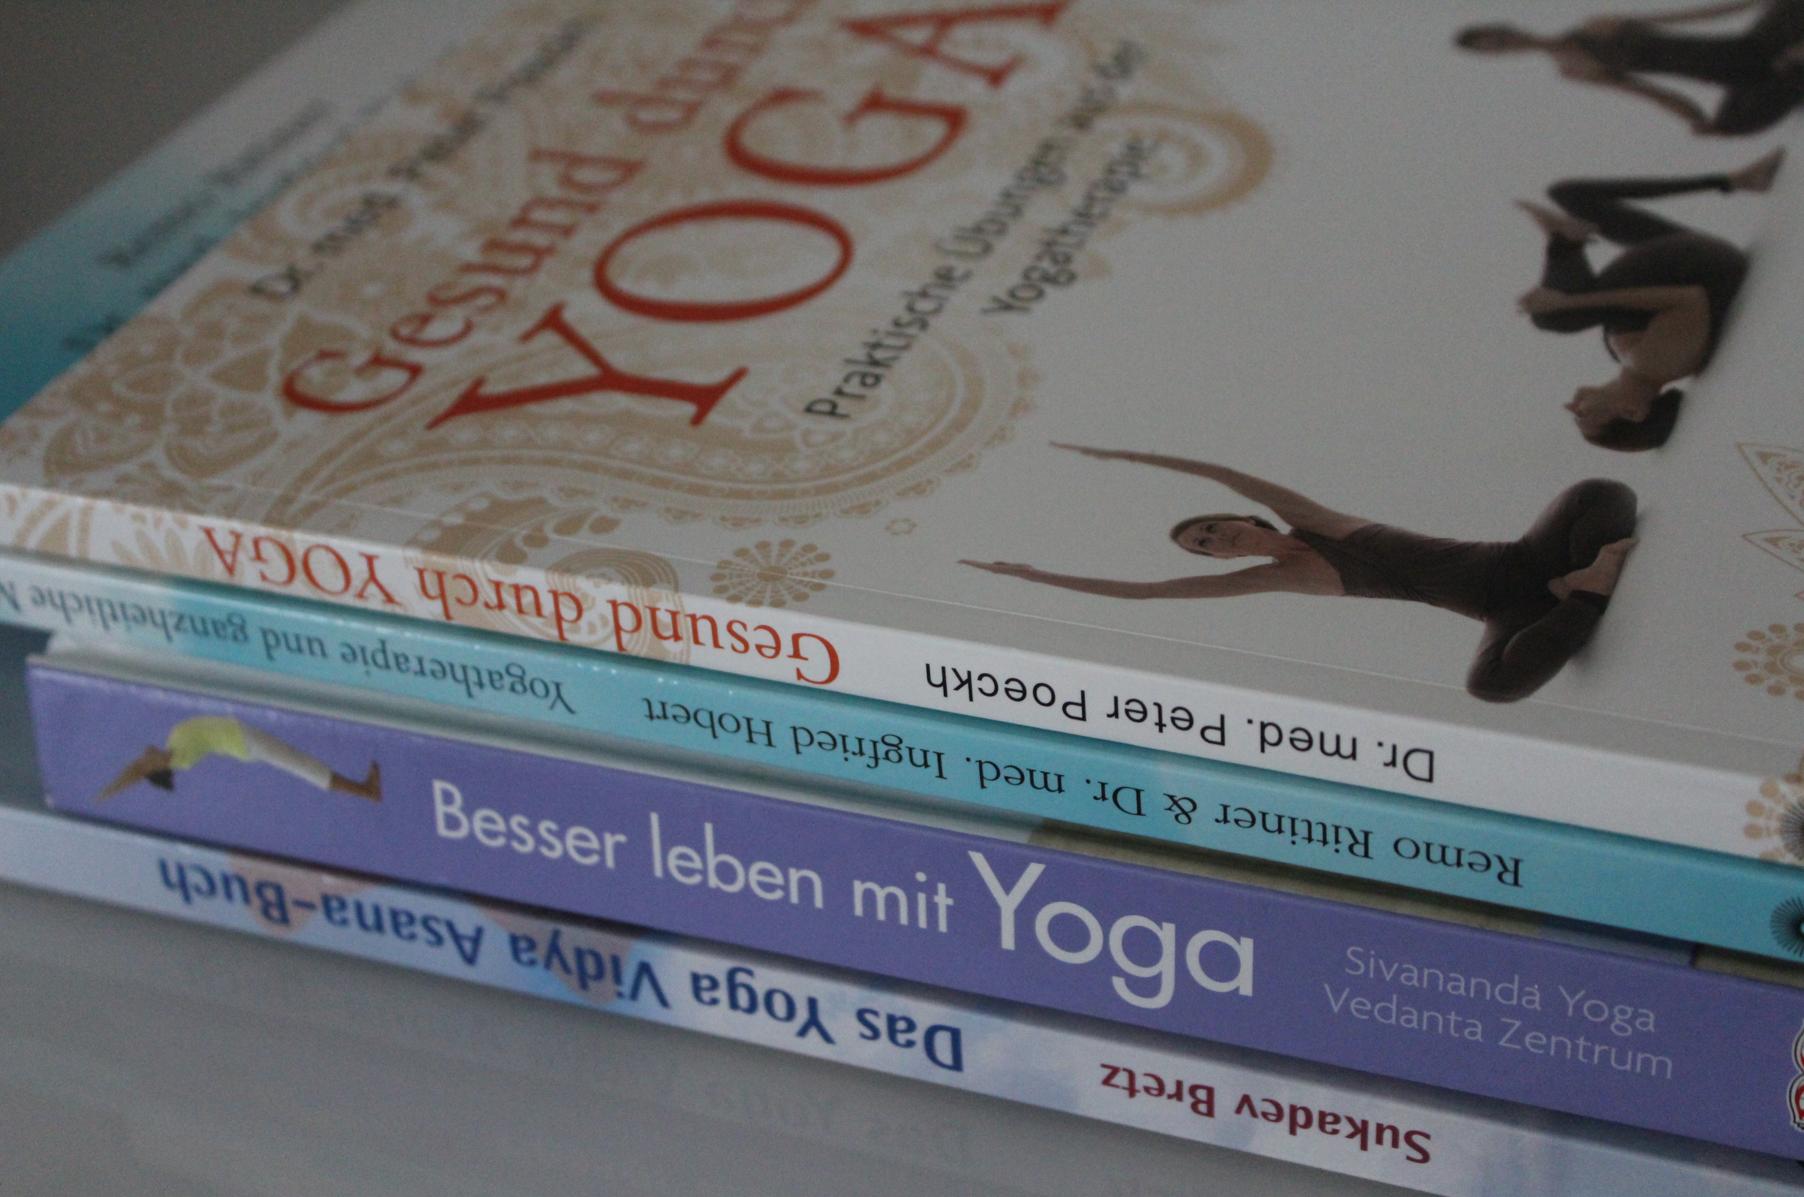 2 Yoga Therapie Yoga Bücher